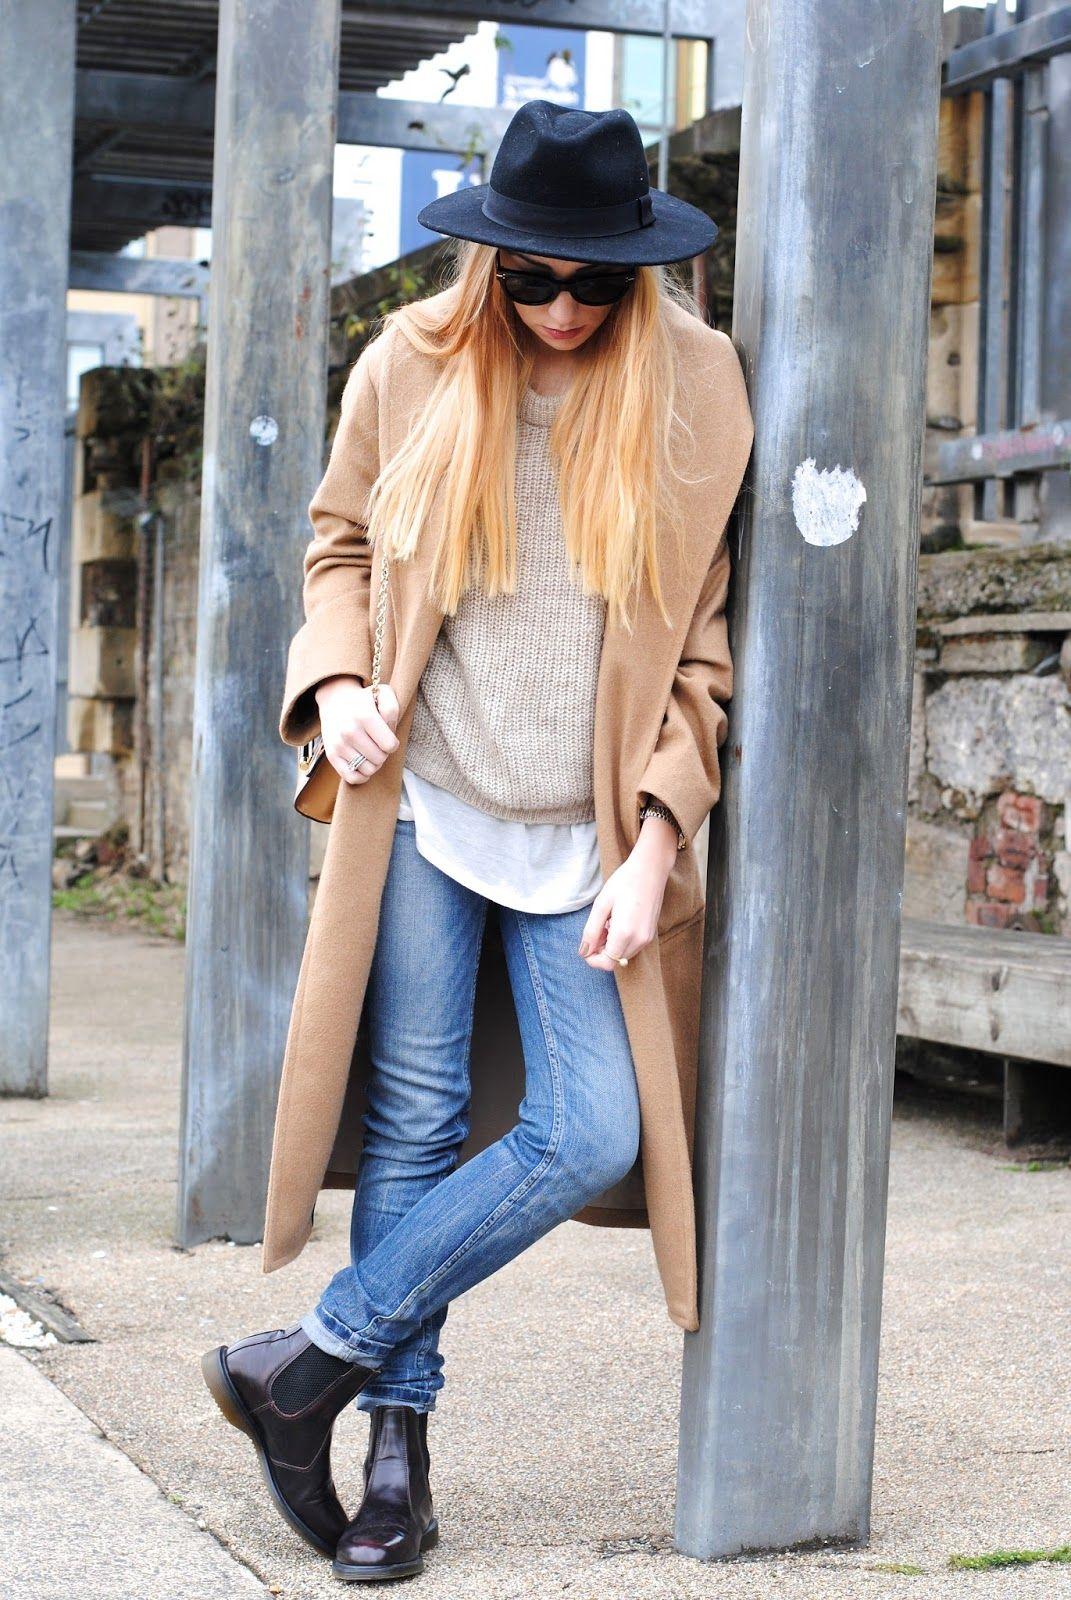 311c3f09dae Dr Marten Flora Boot (c/o) | Mango Coat | Zara Tee | Celine Sunnies ...